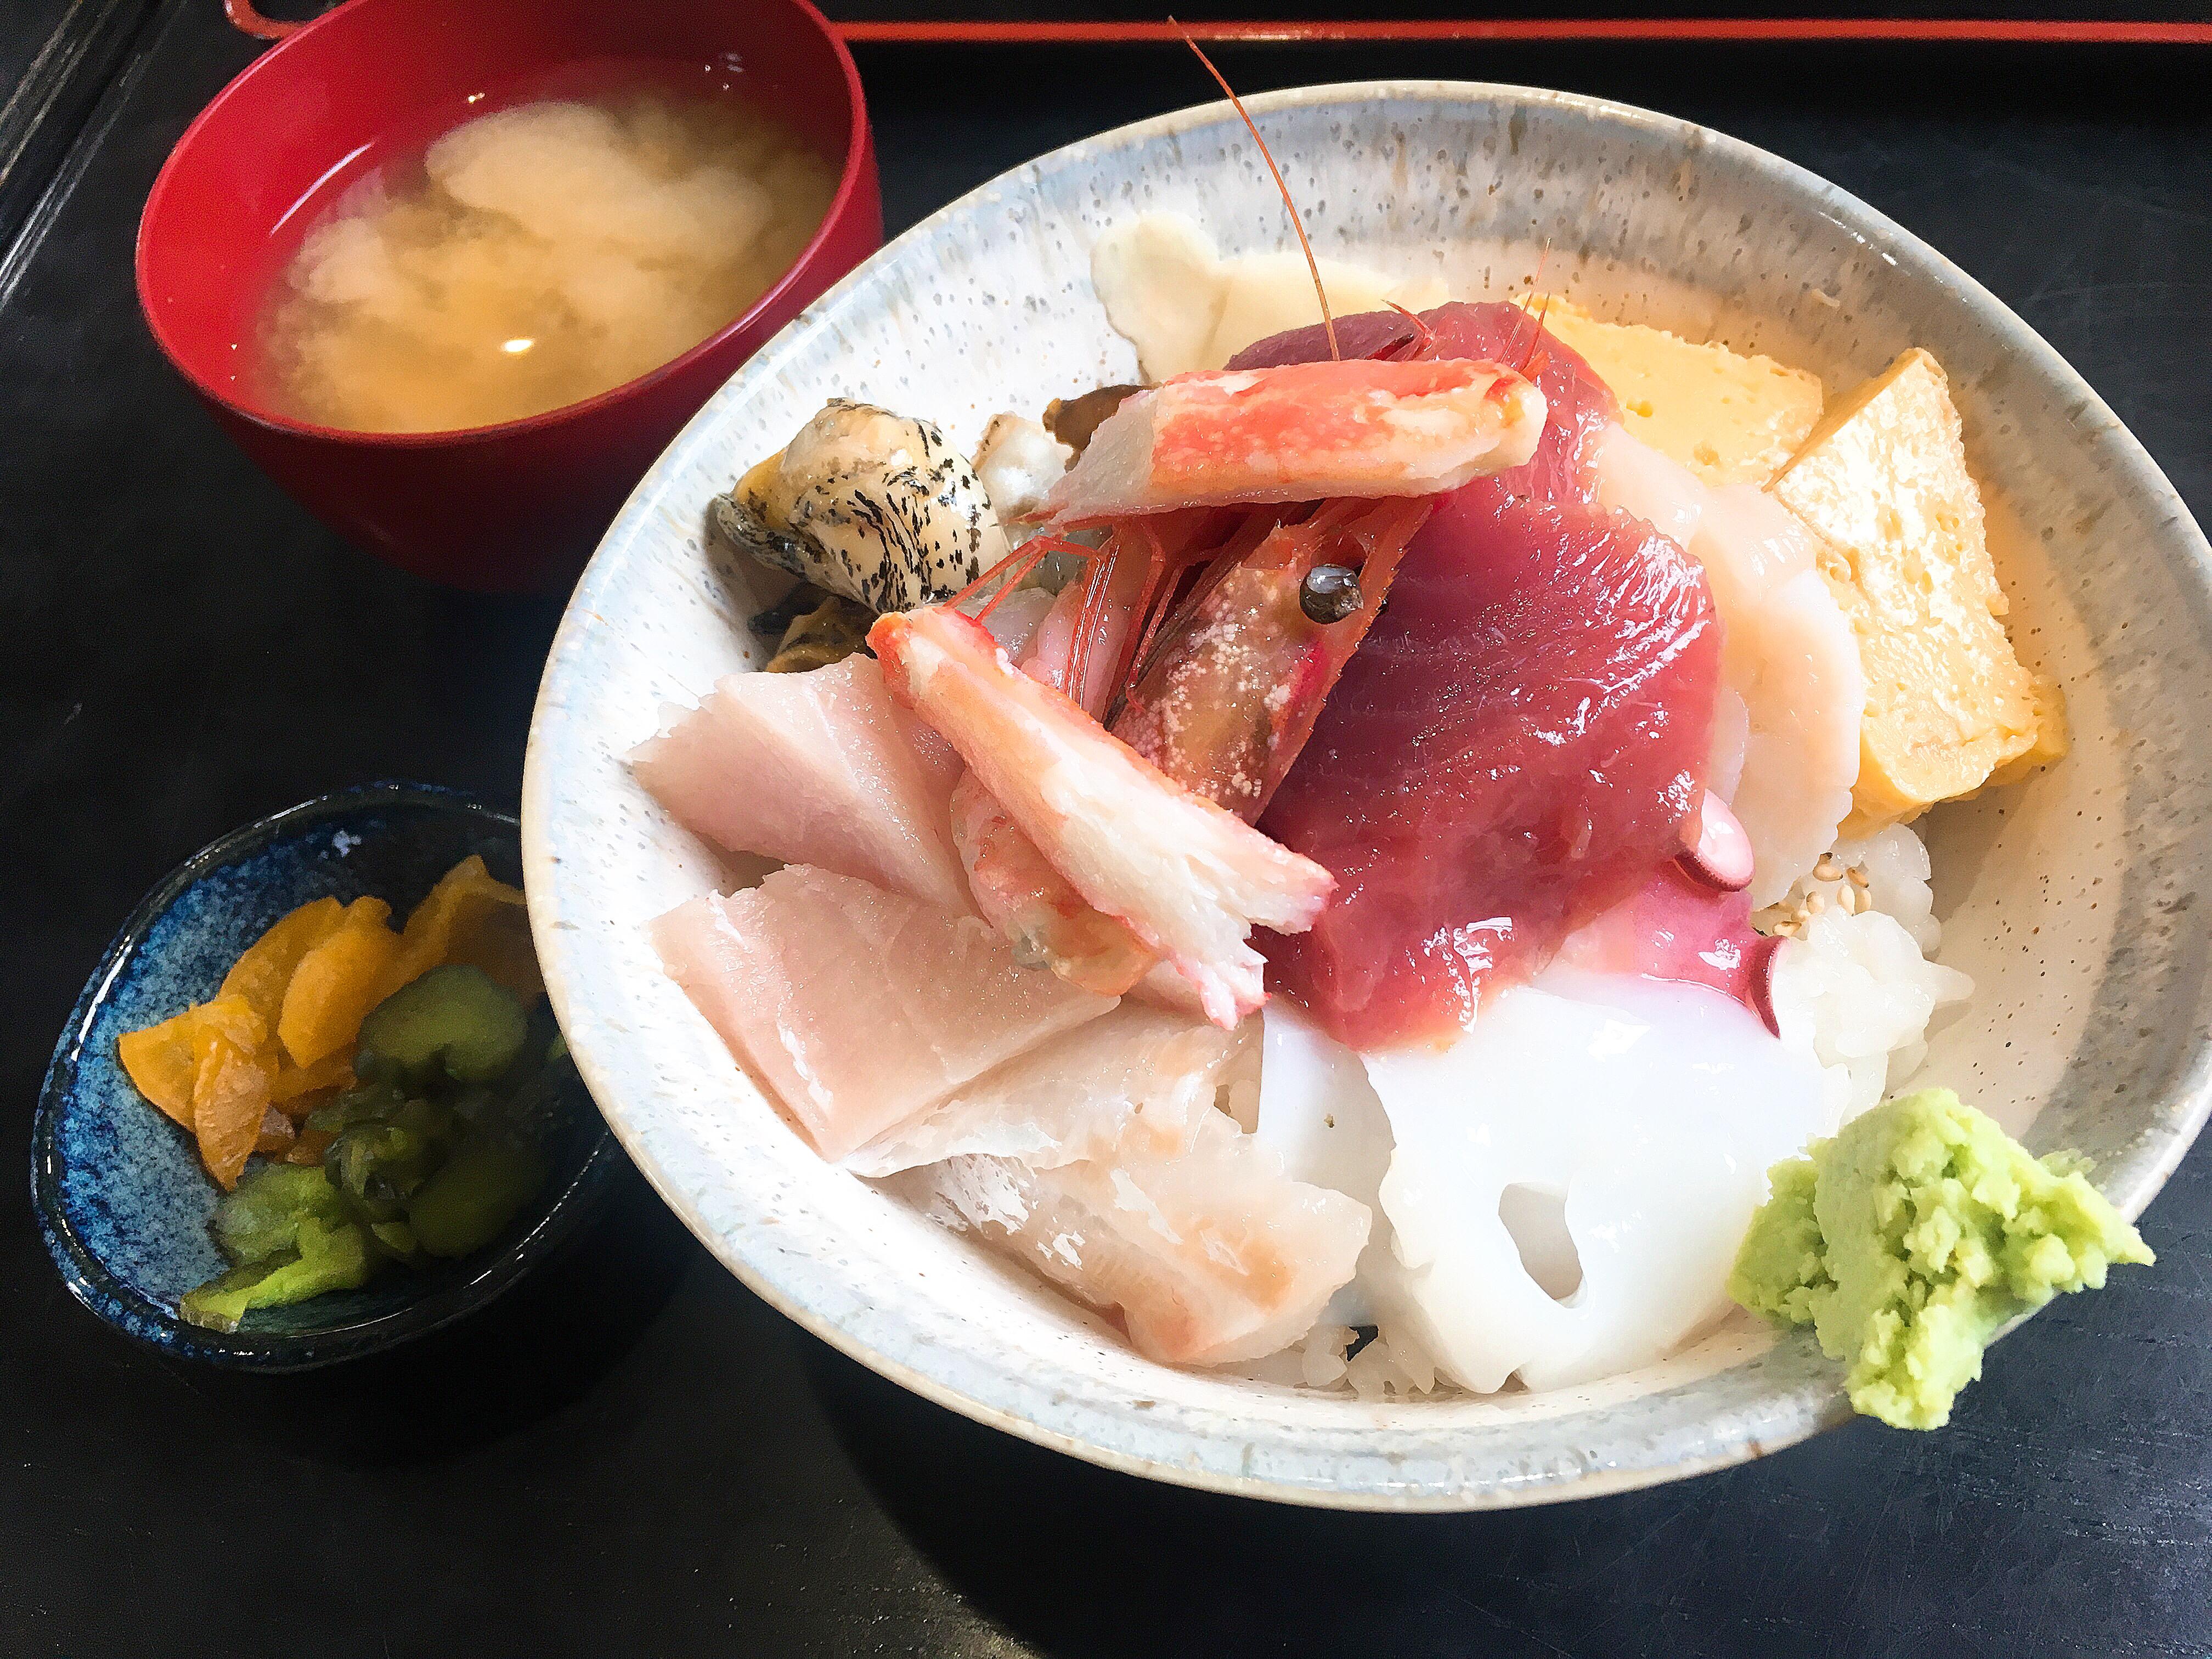 【銚子】海鮮丼を食べに行くなら「鈴女」想像以上のボリュームと美味しさに感動しました